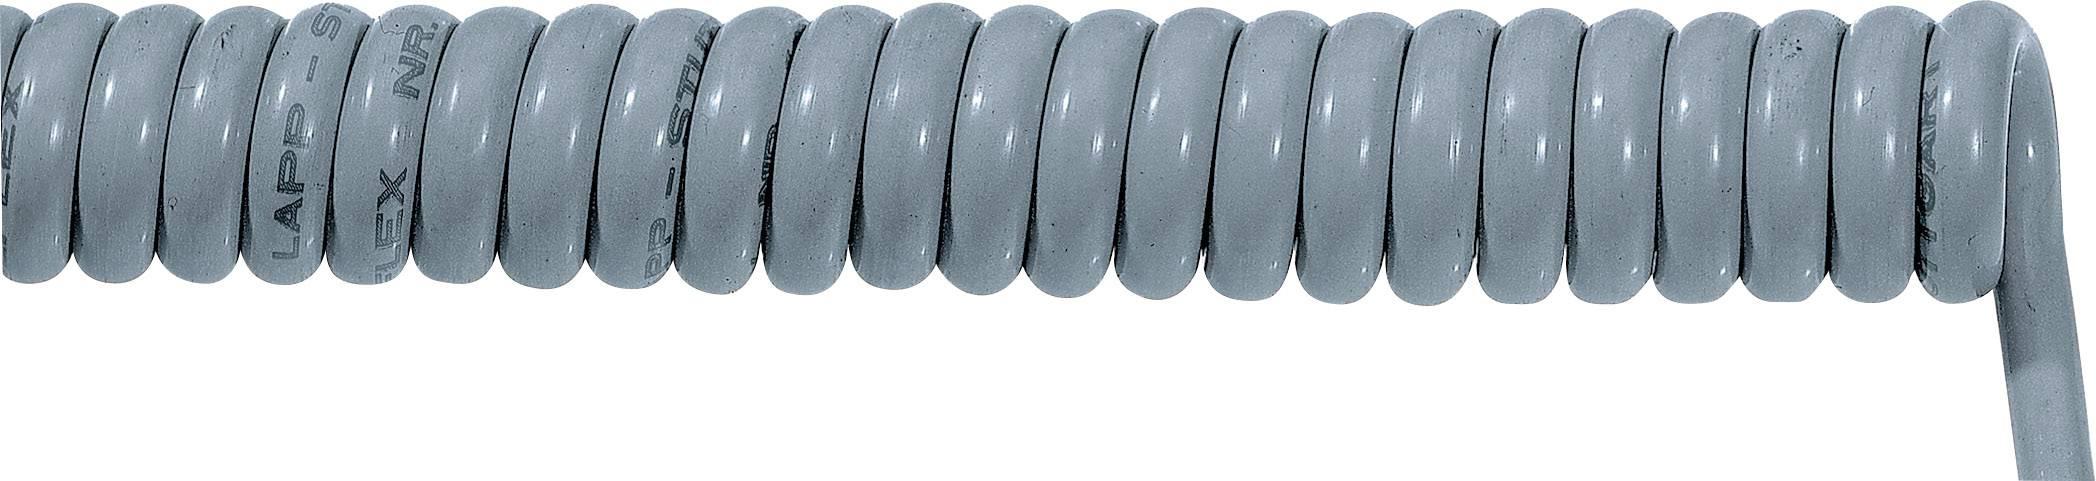 Špirálový kábel 70002726 ÖLFLEX® SPIRAL 400 P 7 x 0.75 mm², 500 mm / 1500 mm, sivá